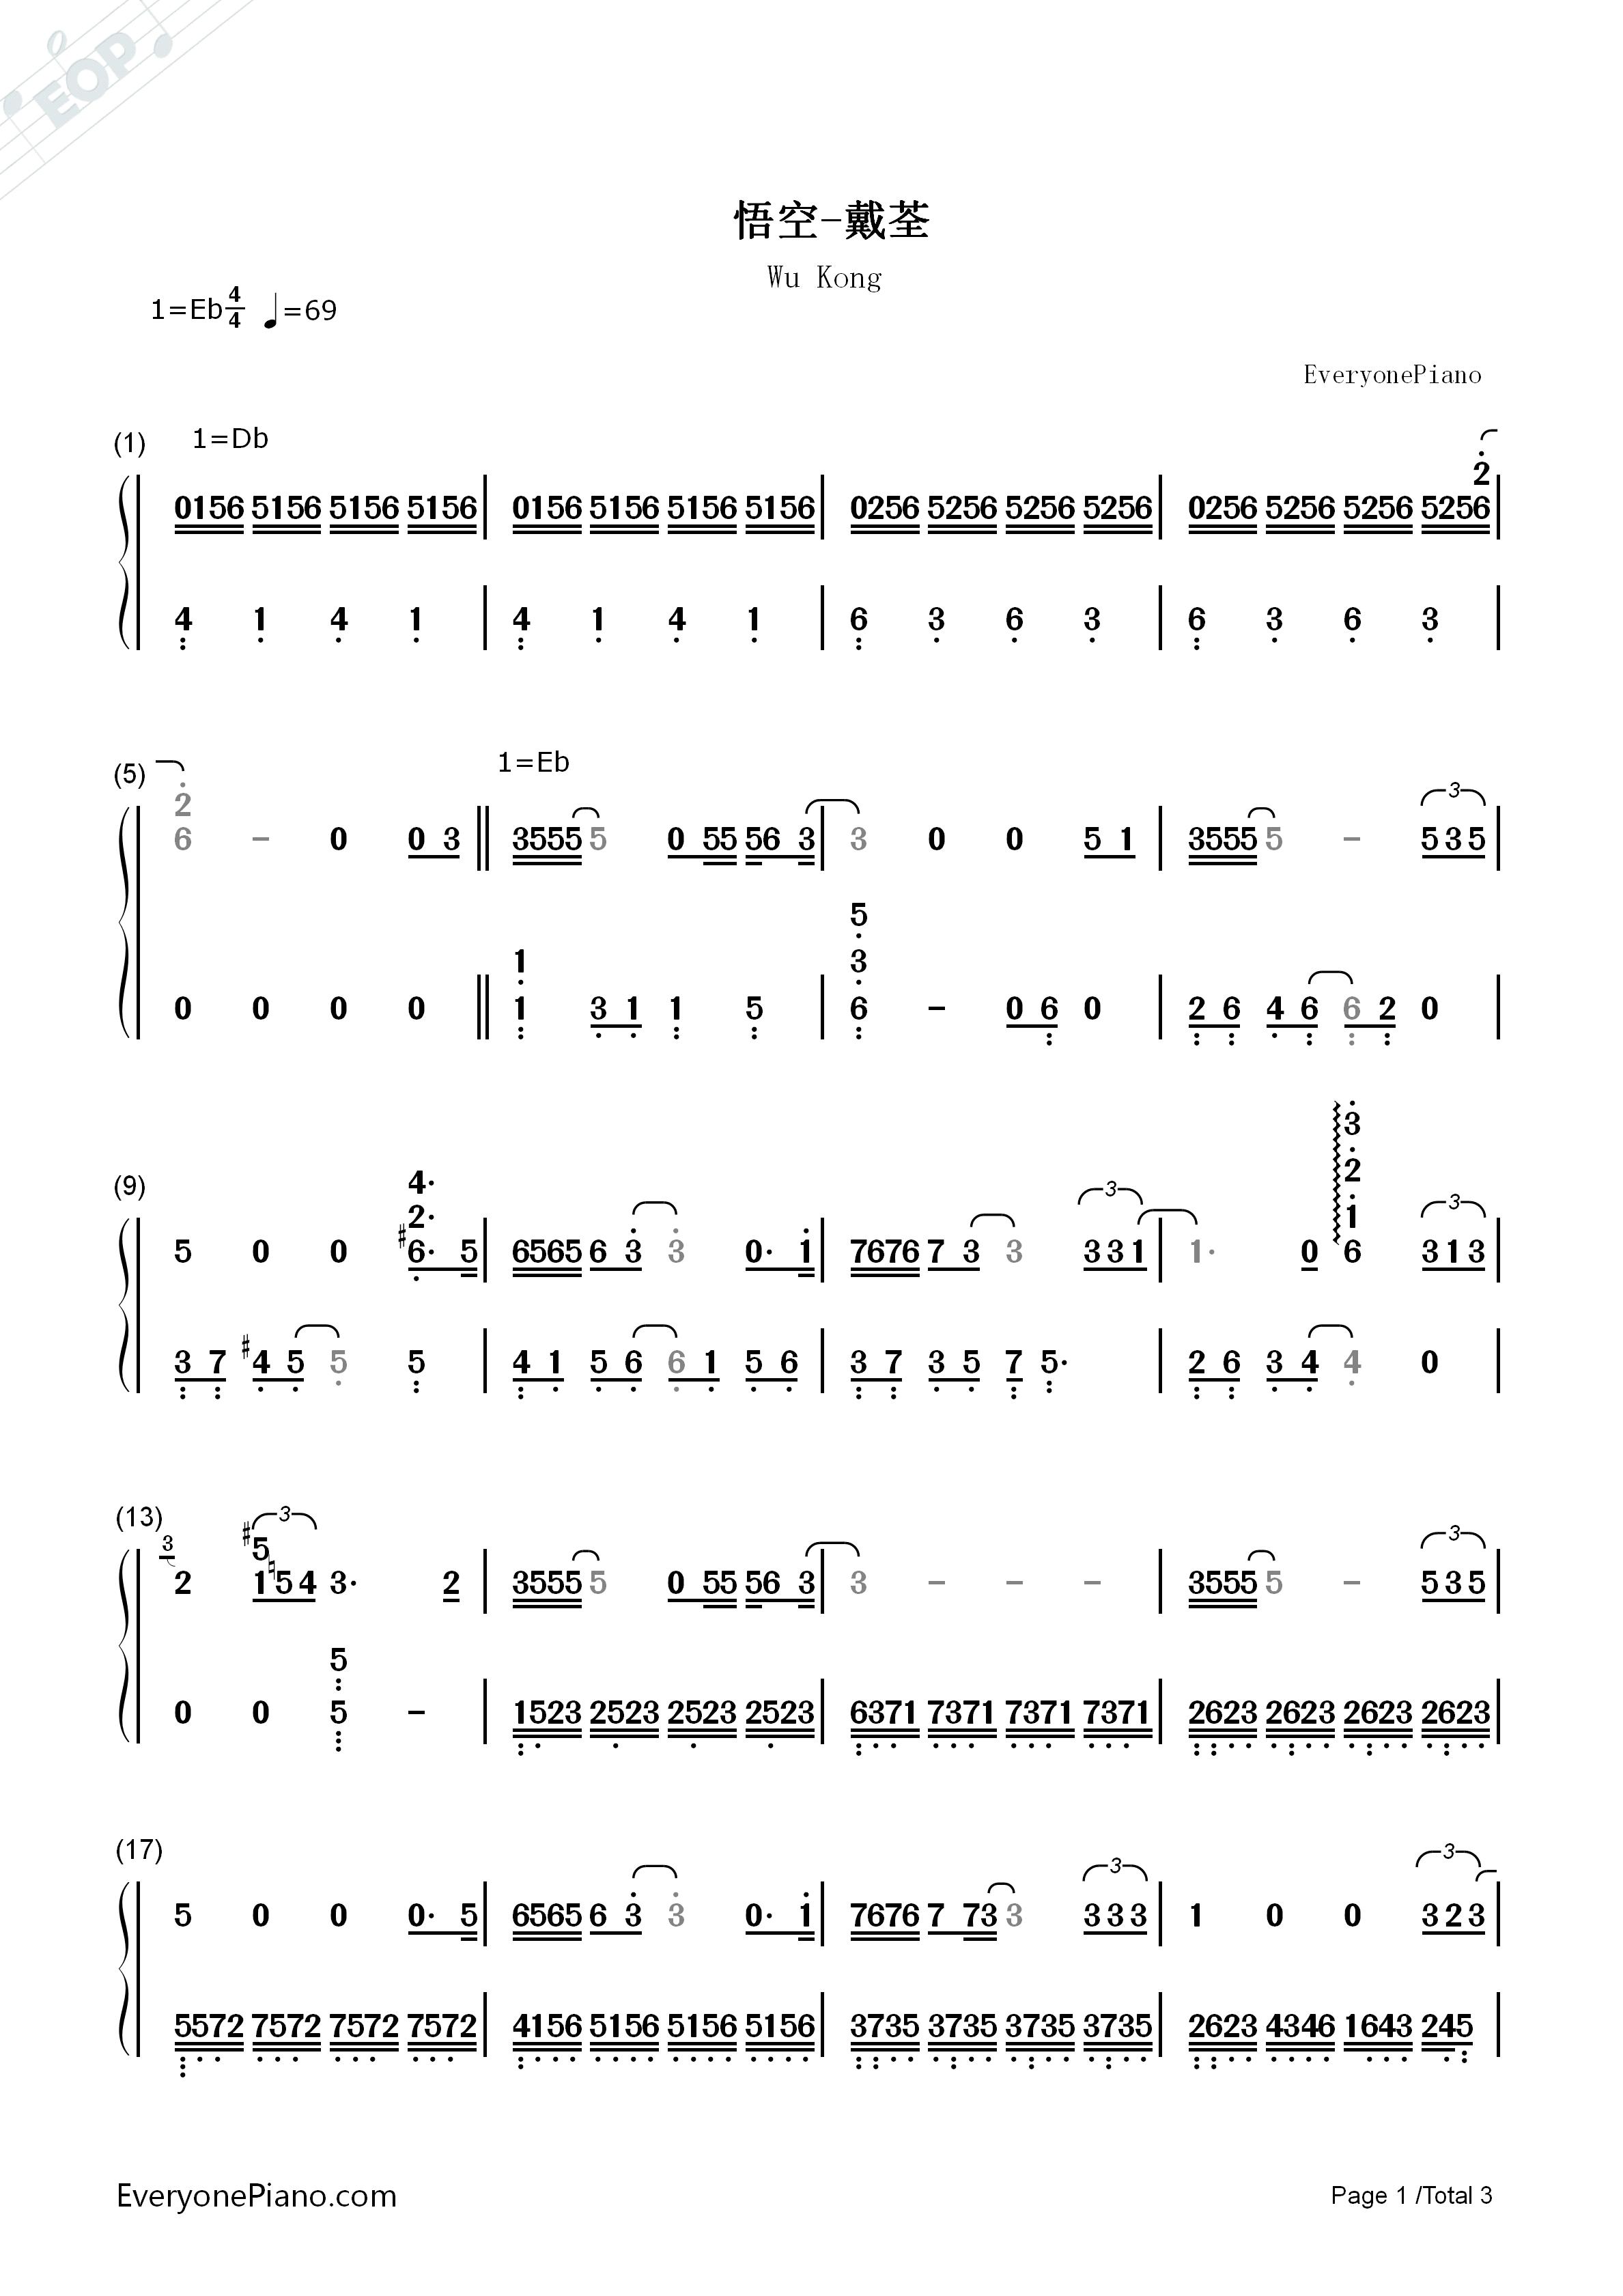 悟空-戴荃《中国好歌曲》双手简谱预览1-钢琴谱(,双手